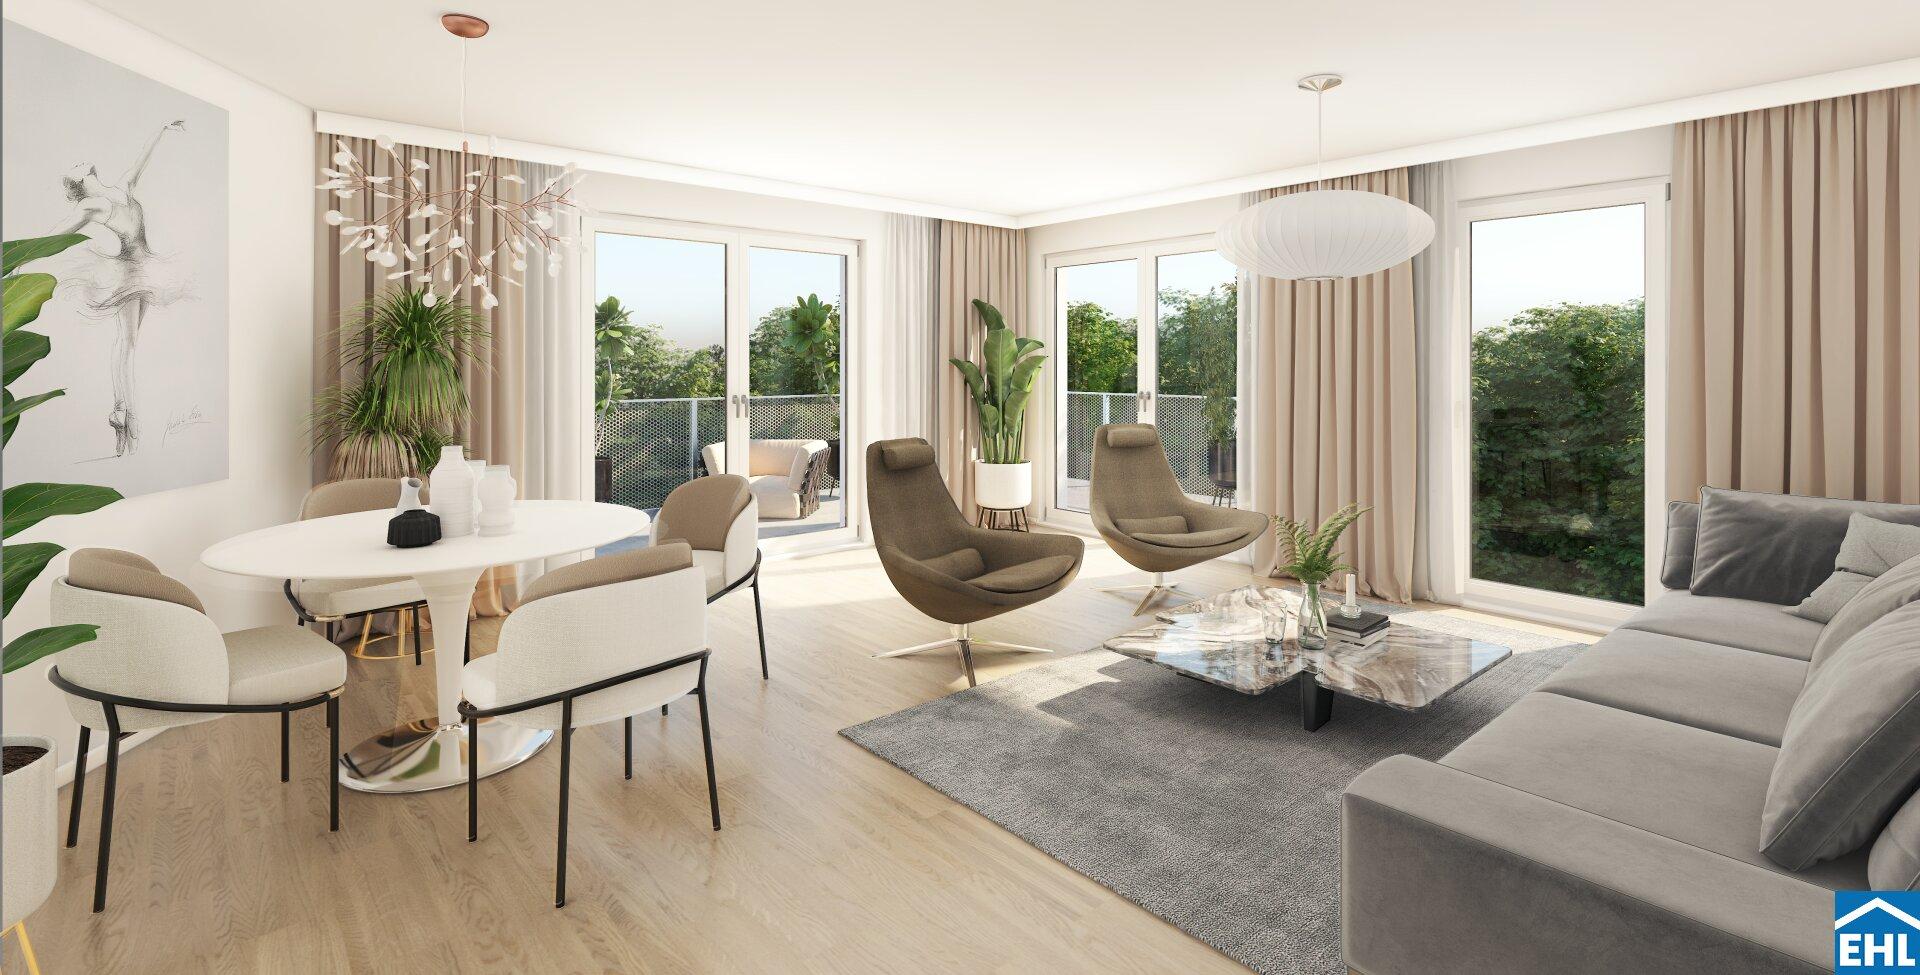 Visualisierung Wohnzimmer 2.jpg